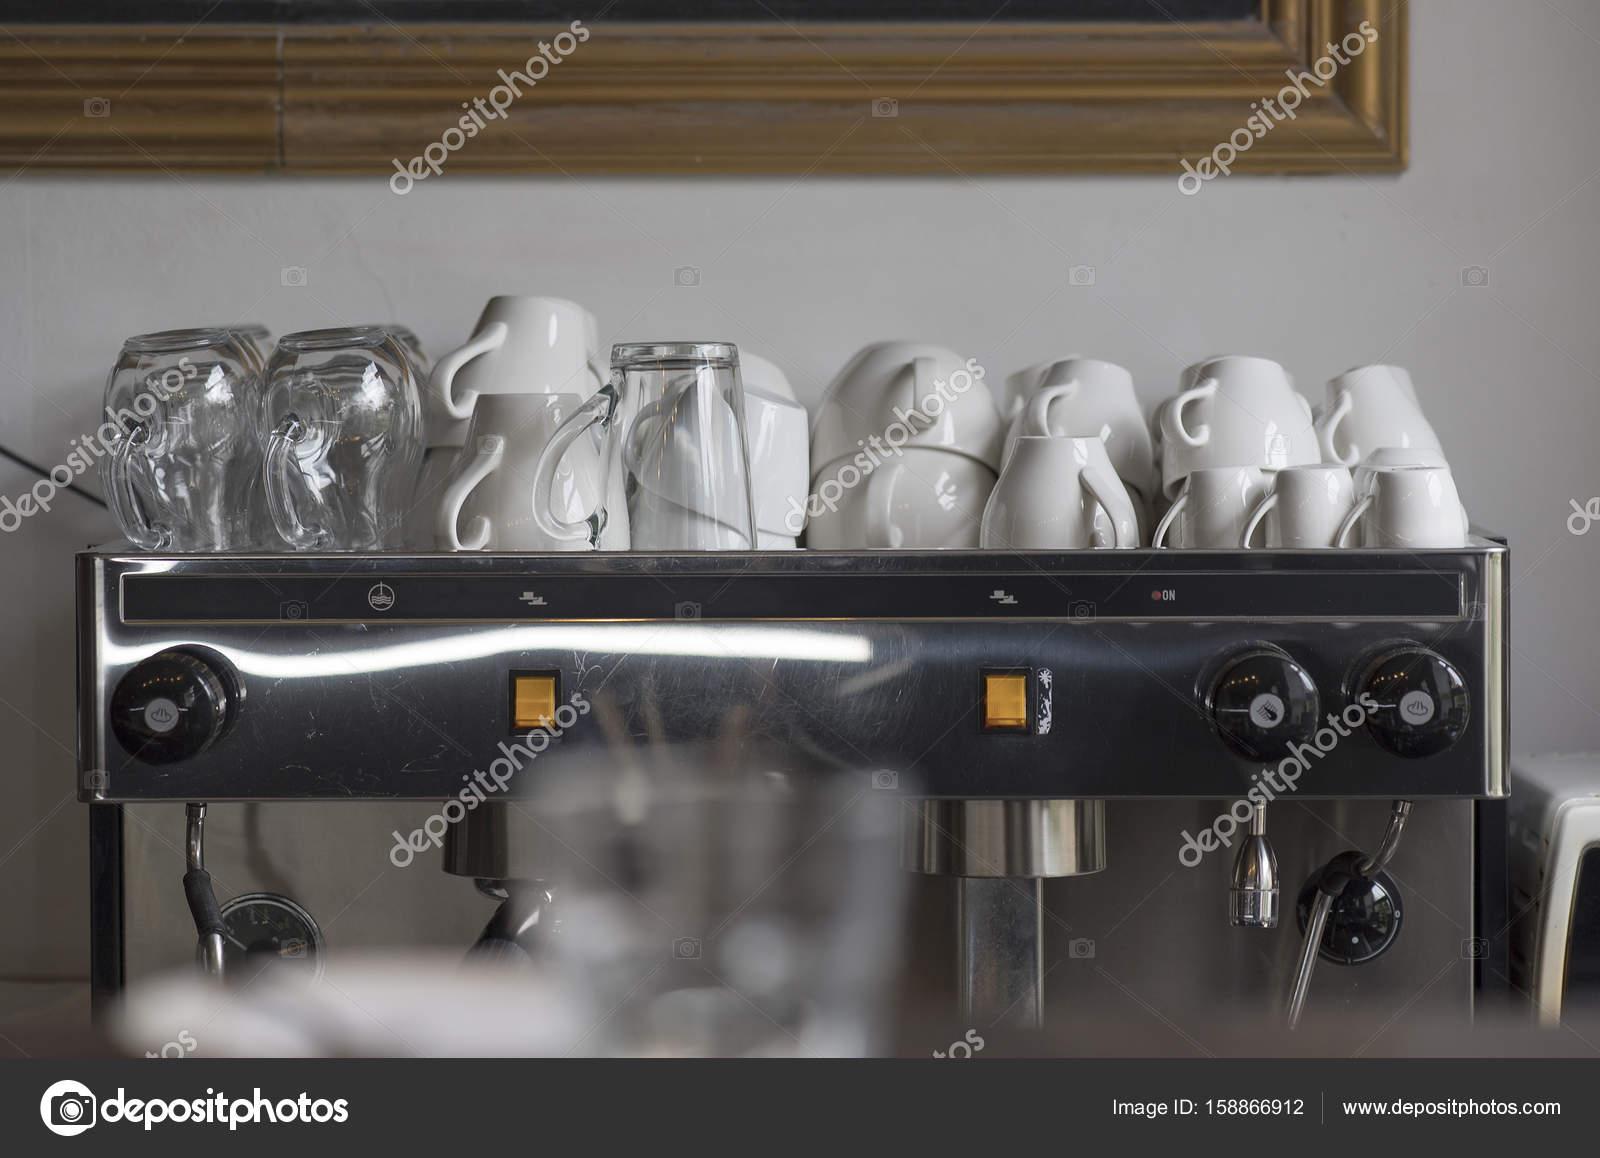 Koffiemachine De Keuken : Koffiemachine met kopjes en glazen op de boven en detail van een